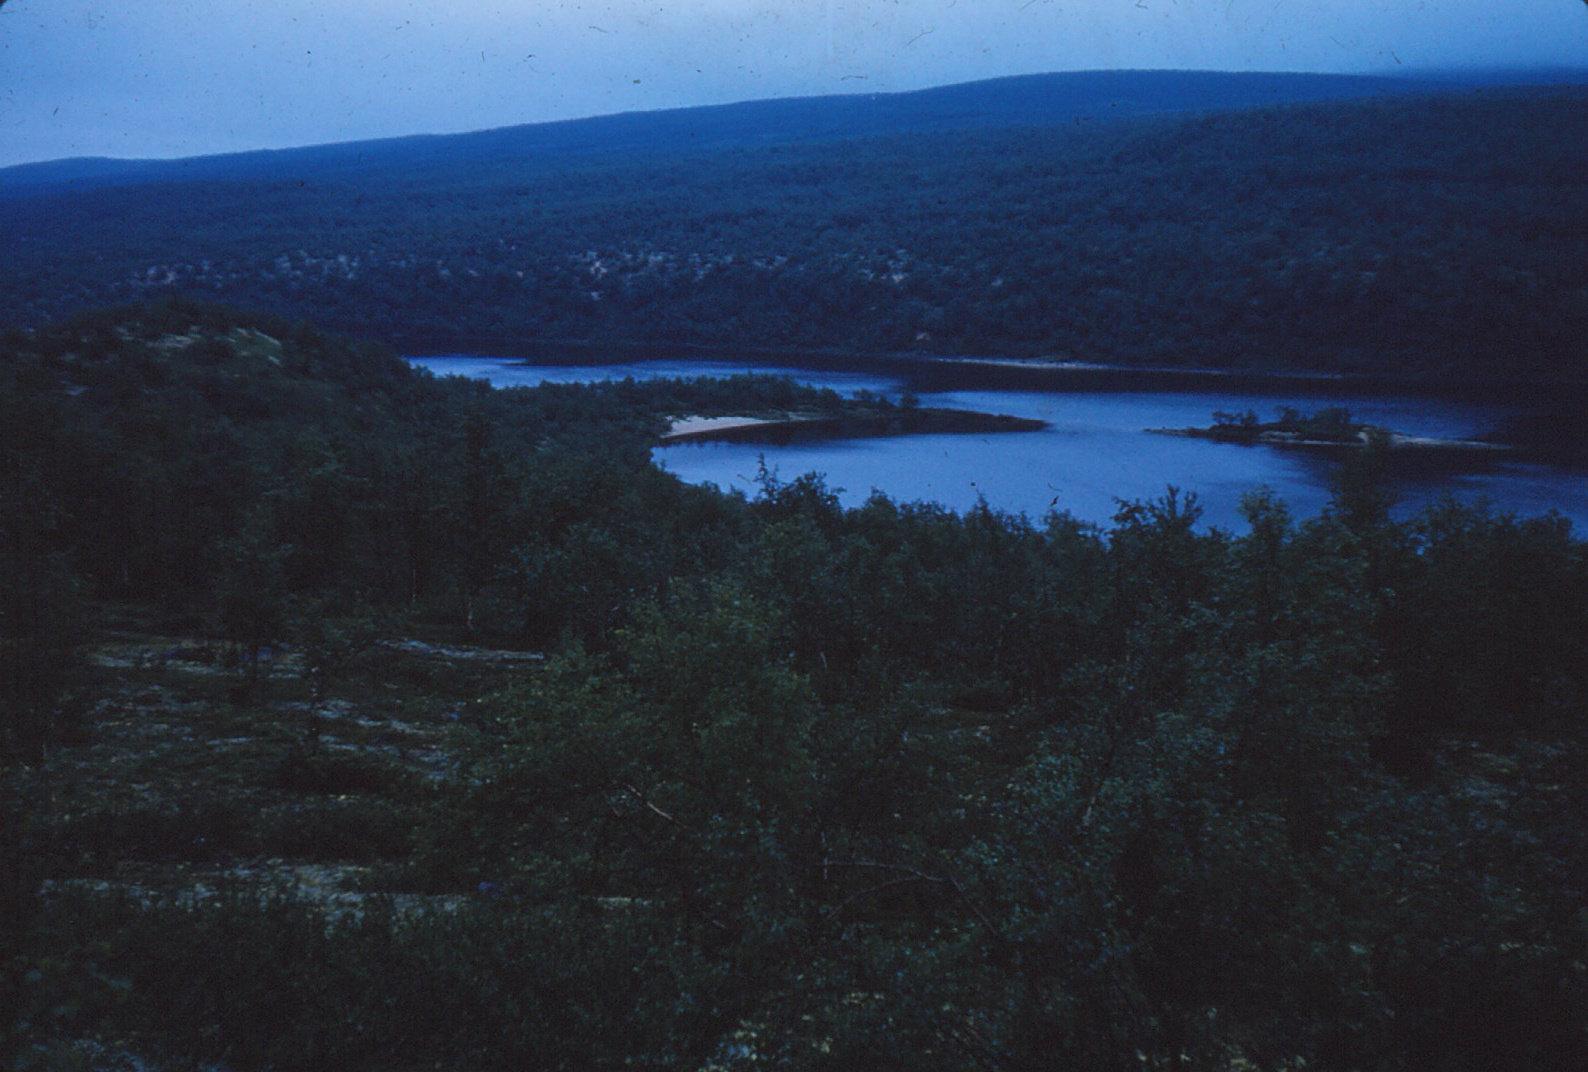 1046 (10) Au[rr]e rivier met esker 25 juli '61